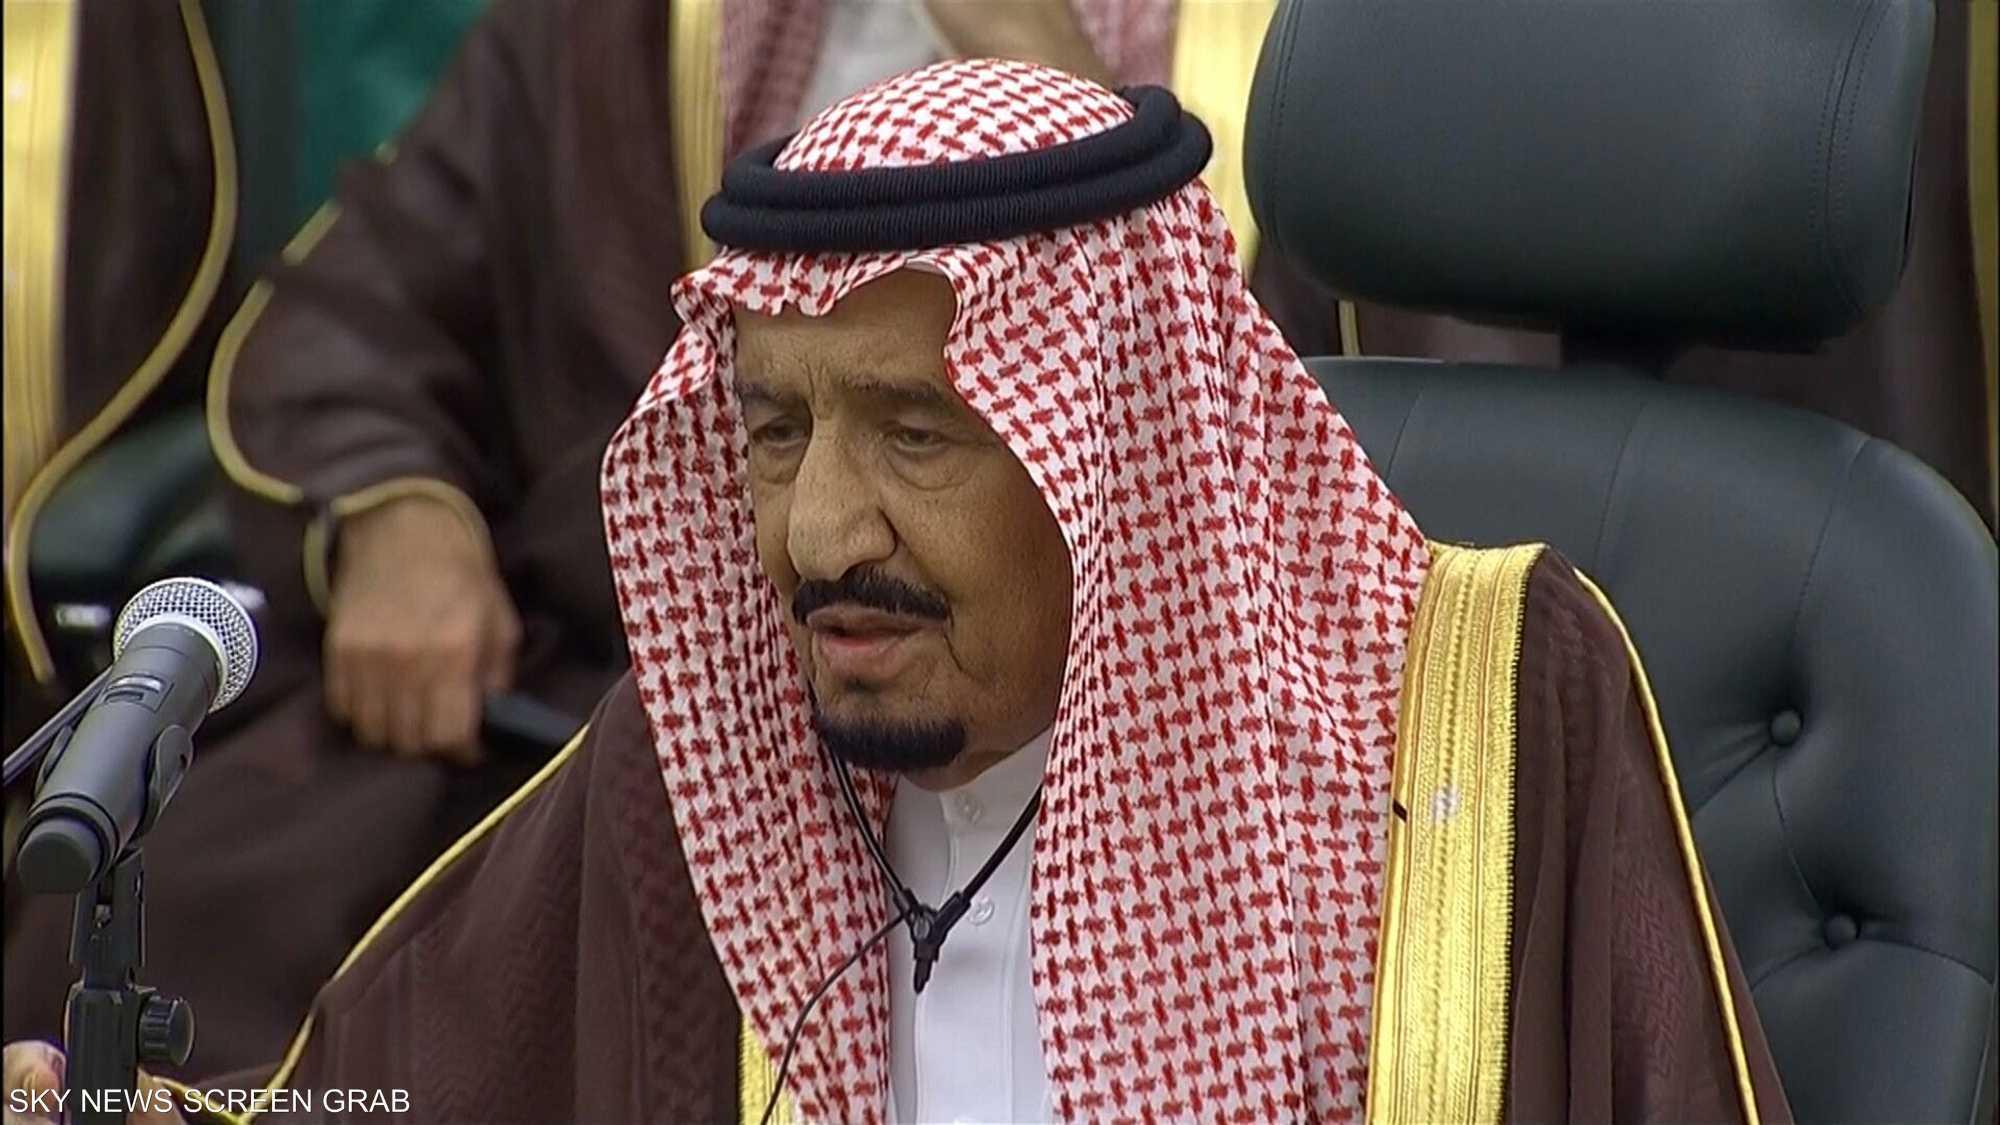 الملك سلمان: نتطلع لعلاقات استراتيجية بين السعودية وروسيا